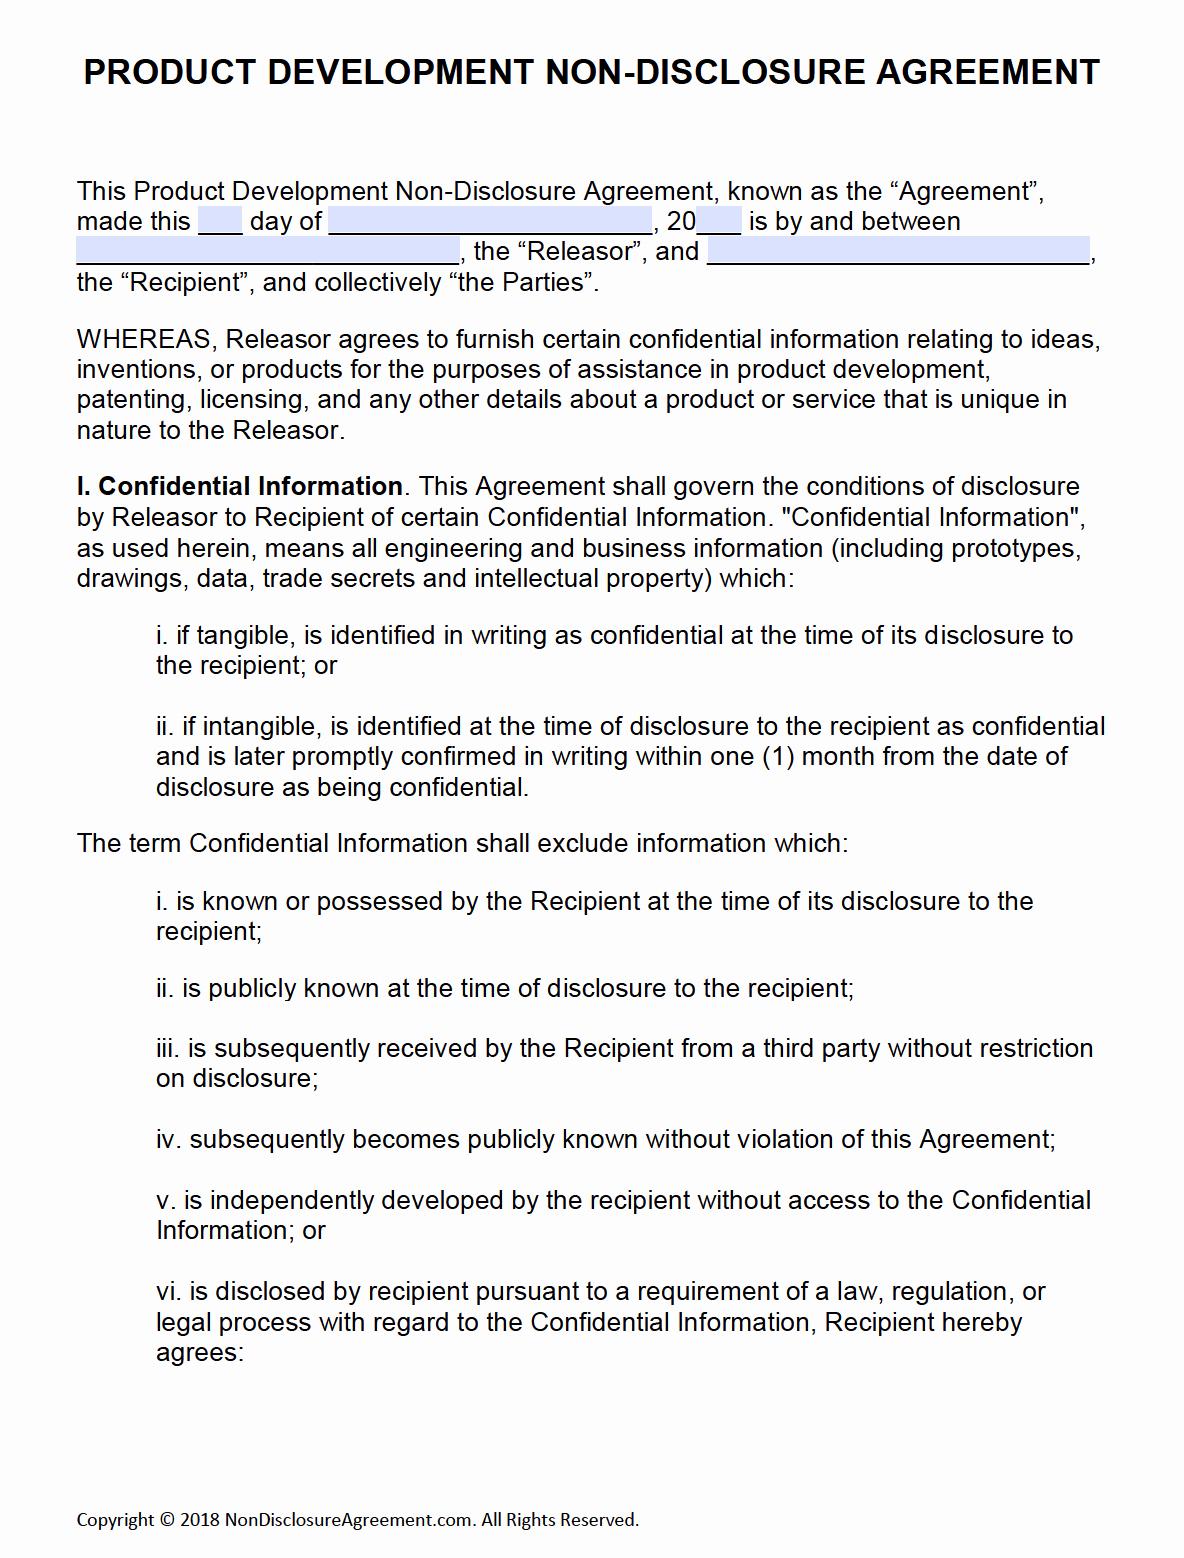 Invention Non Disclosure Agreement Pdf Unique Free Product Development Non Disclosure Agreement Nda – Pdf – Word Pdf